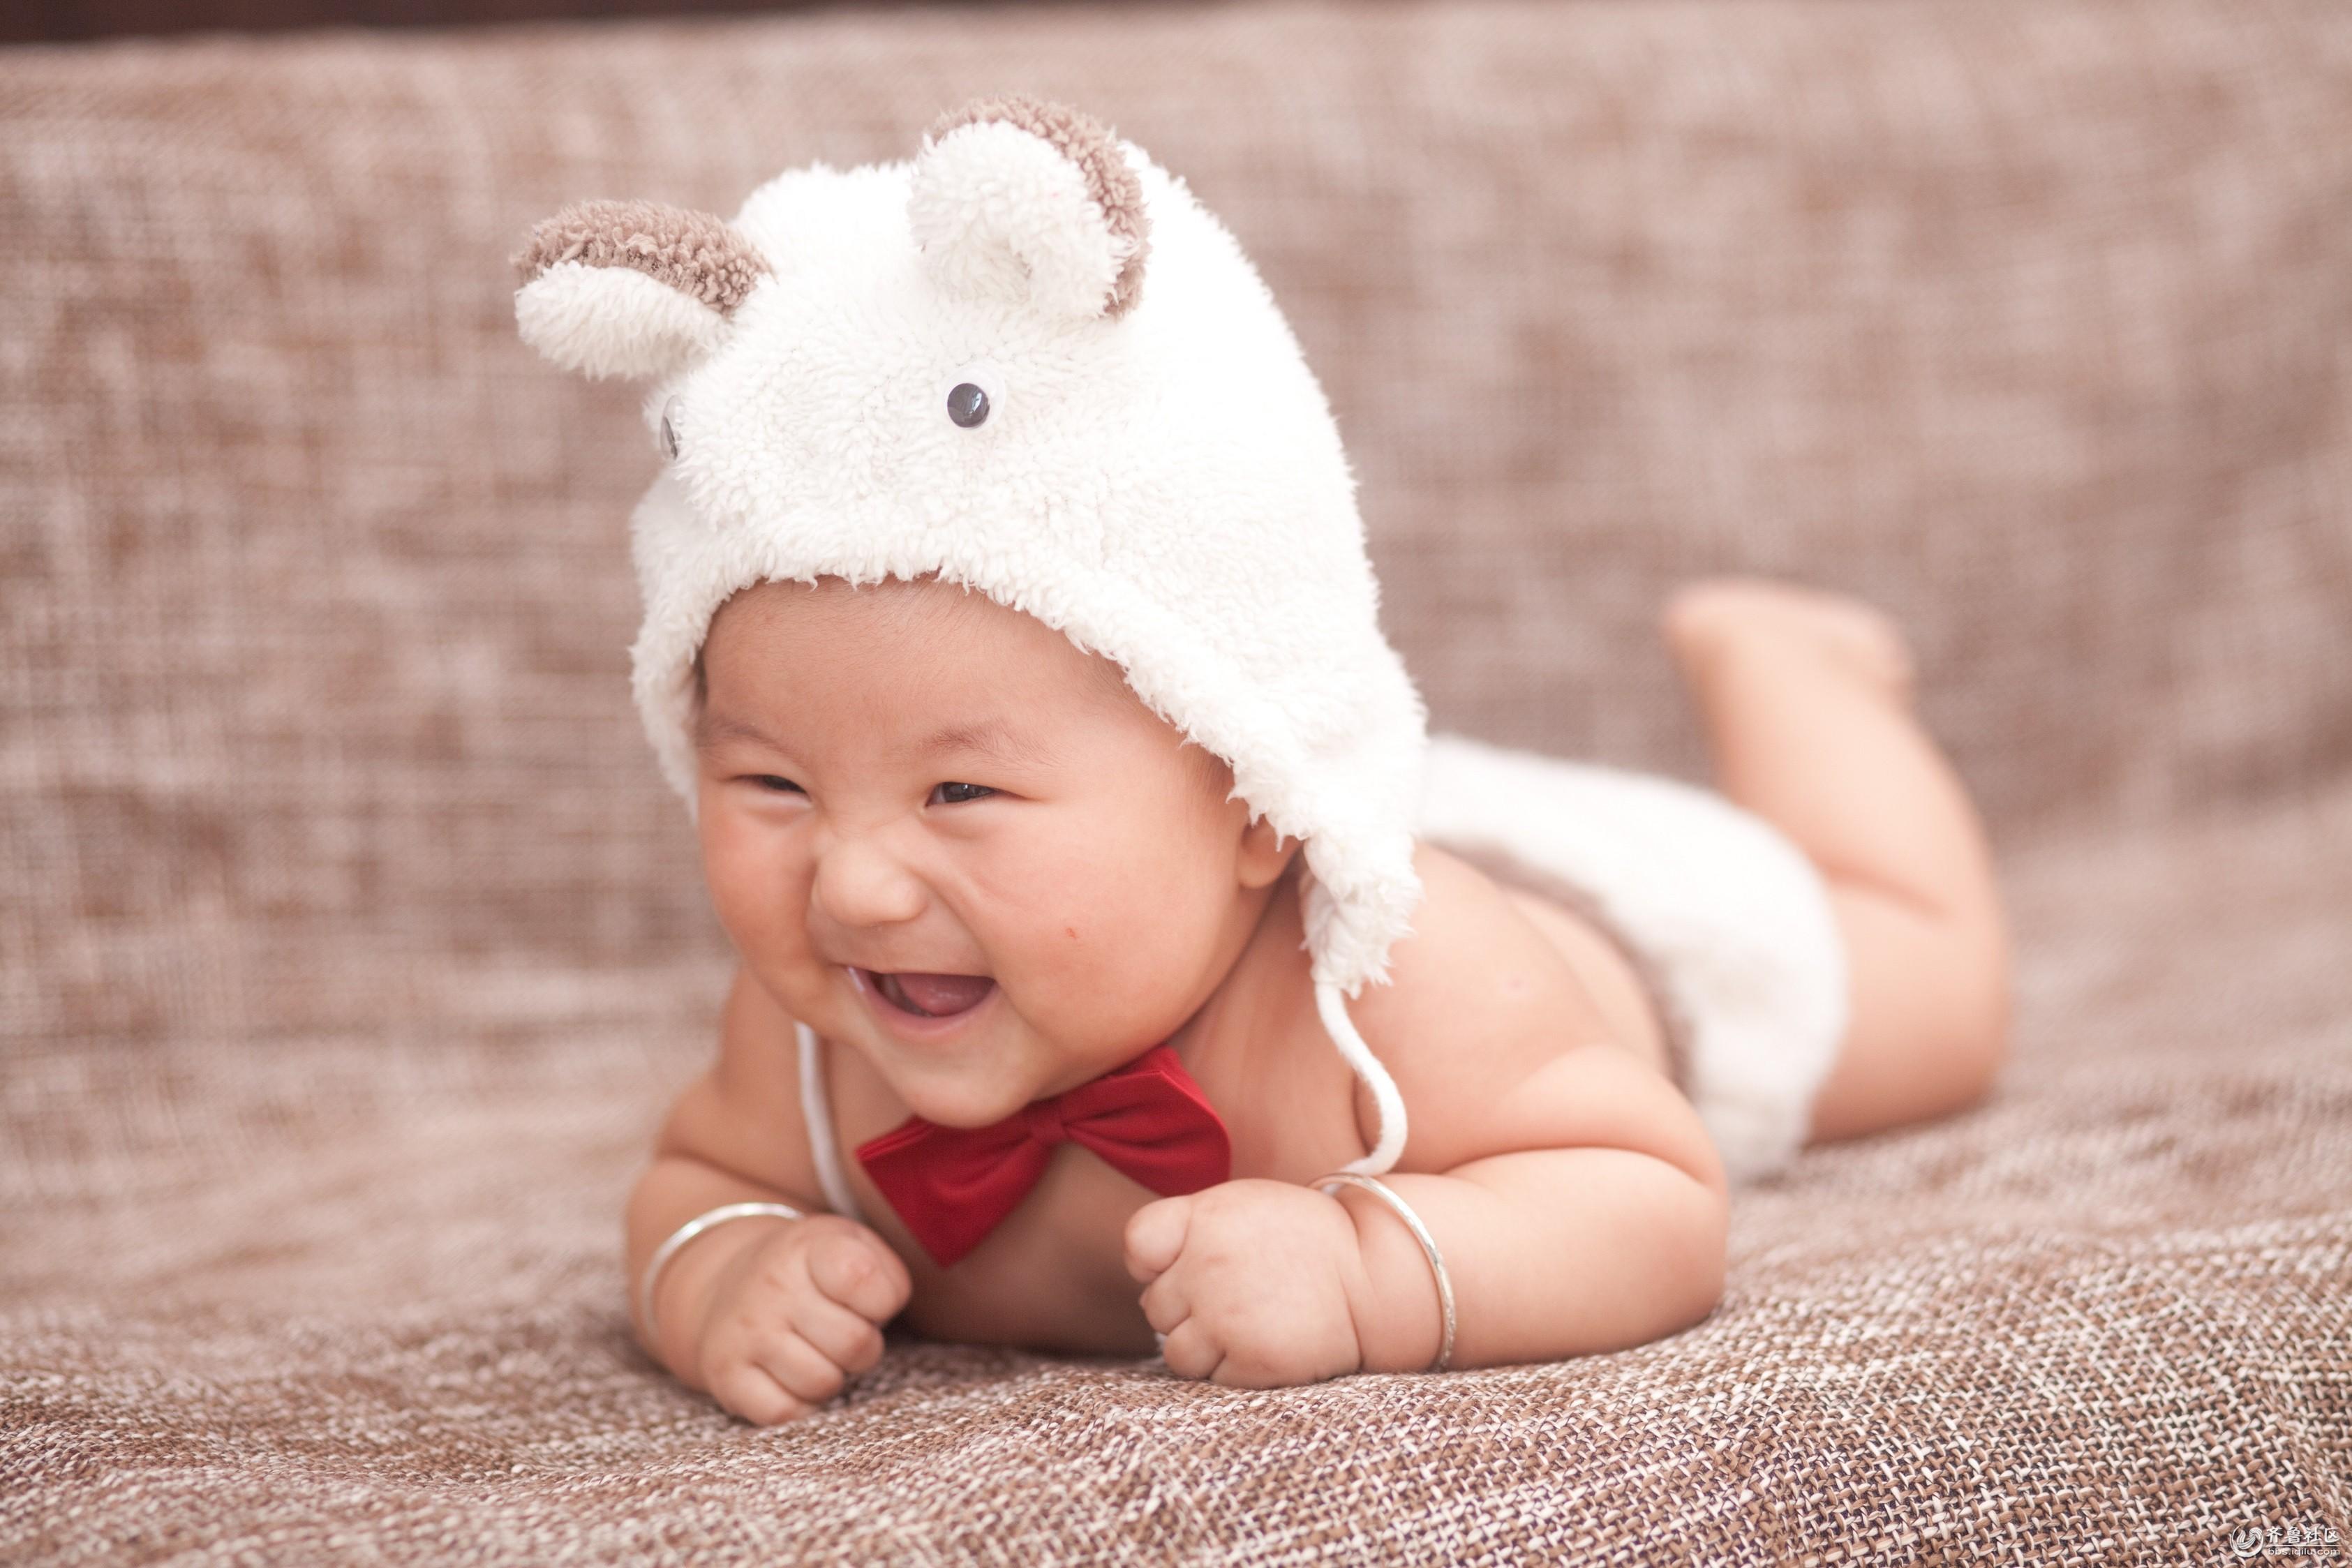 宝宝 壁纸 儿童 孩子 小孩 婴儿 3370_2247